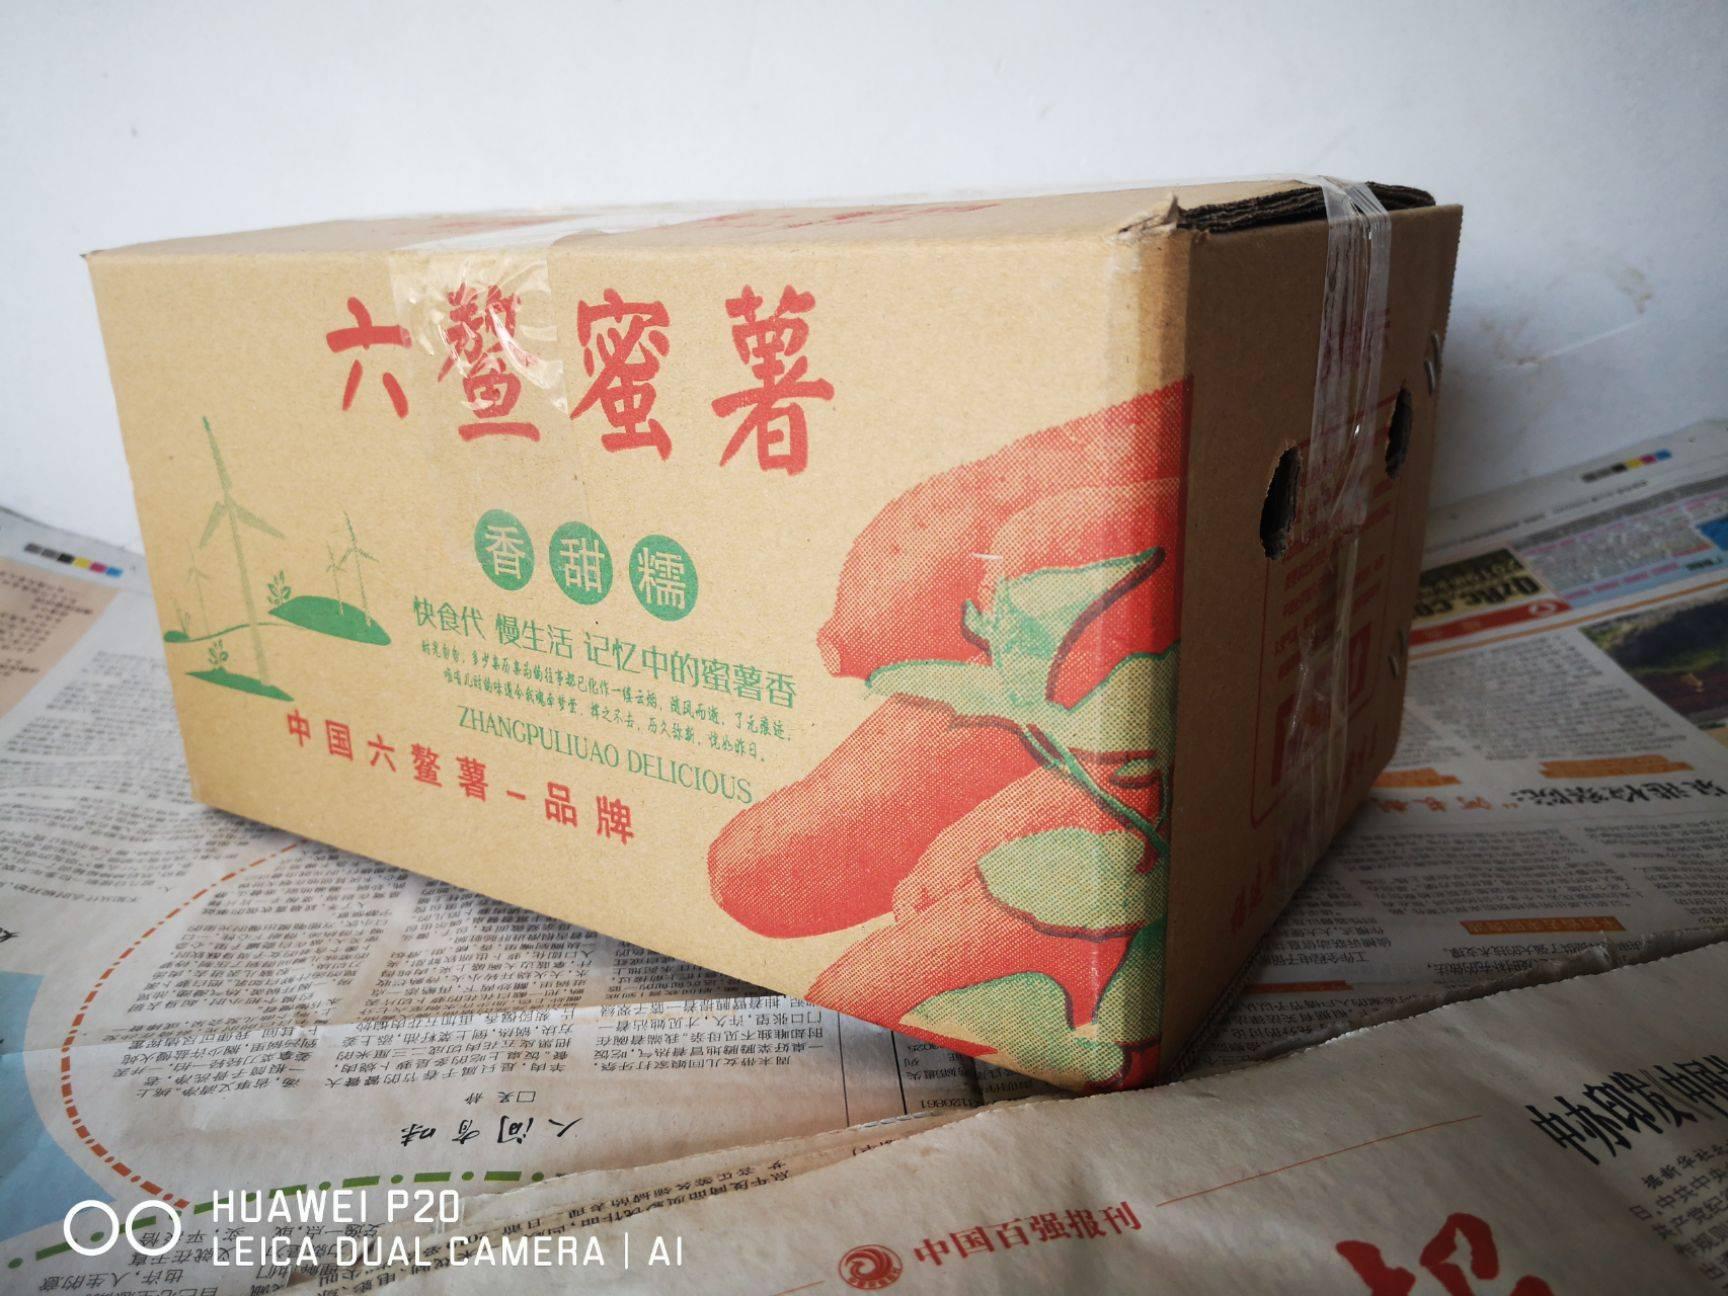 [蜜薯批发]六鳌地瓜  红蜜薯六鳌小香薯大量供应 支持一件代发价格9.9元/箱